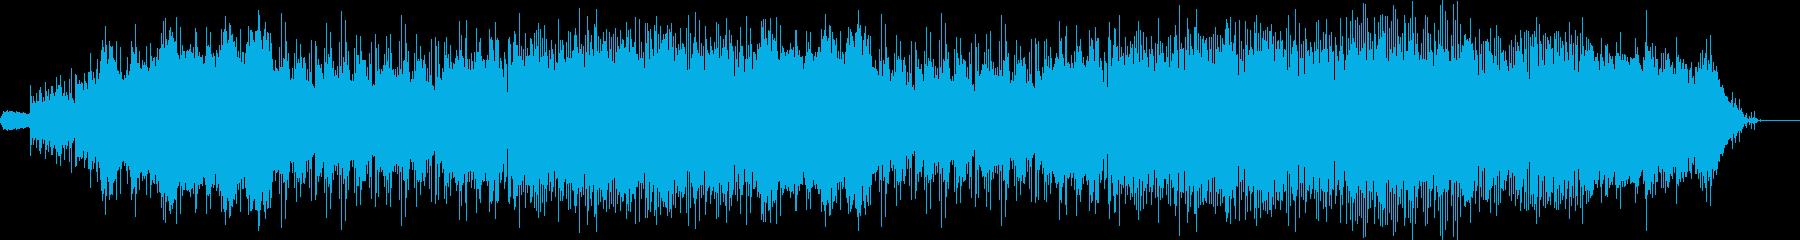 RPGの広大な平原ステージを想定した楽曲の再生済みの波形